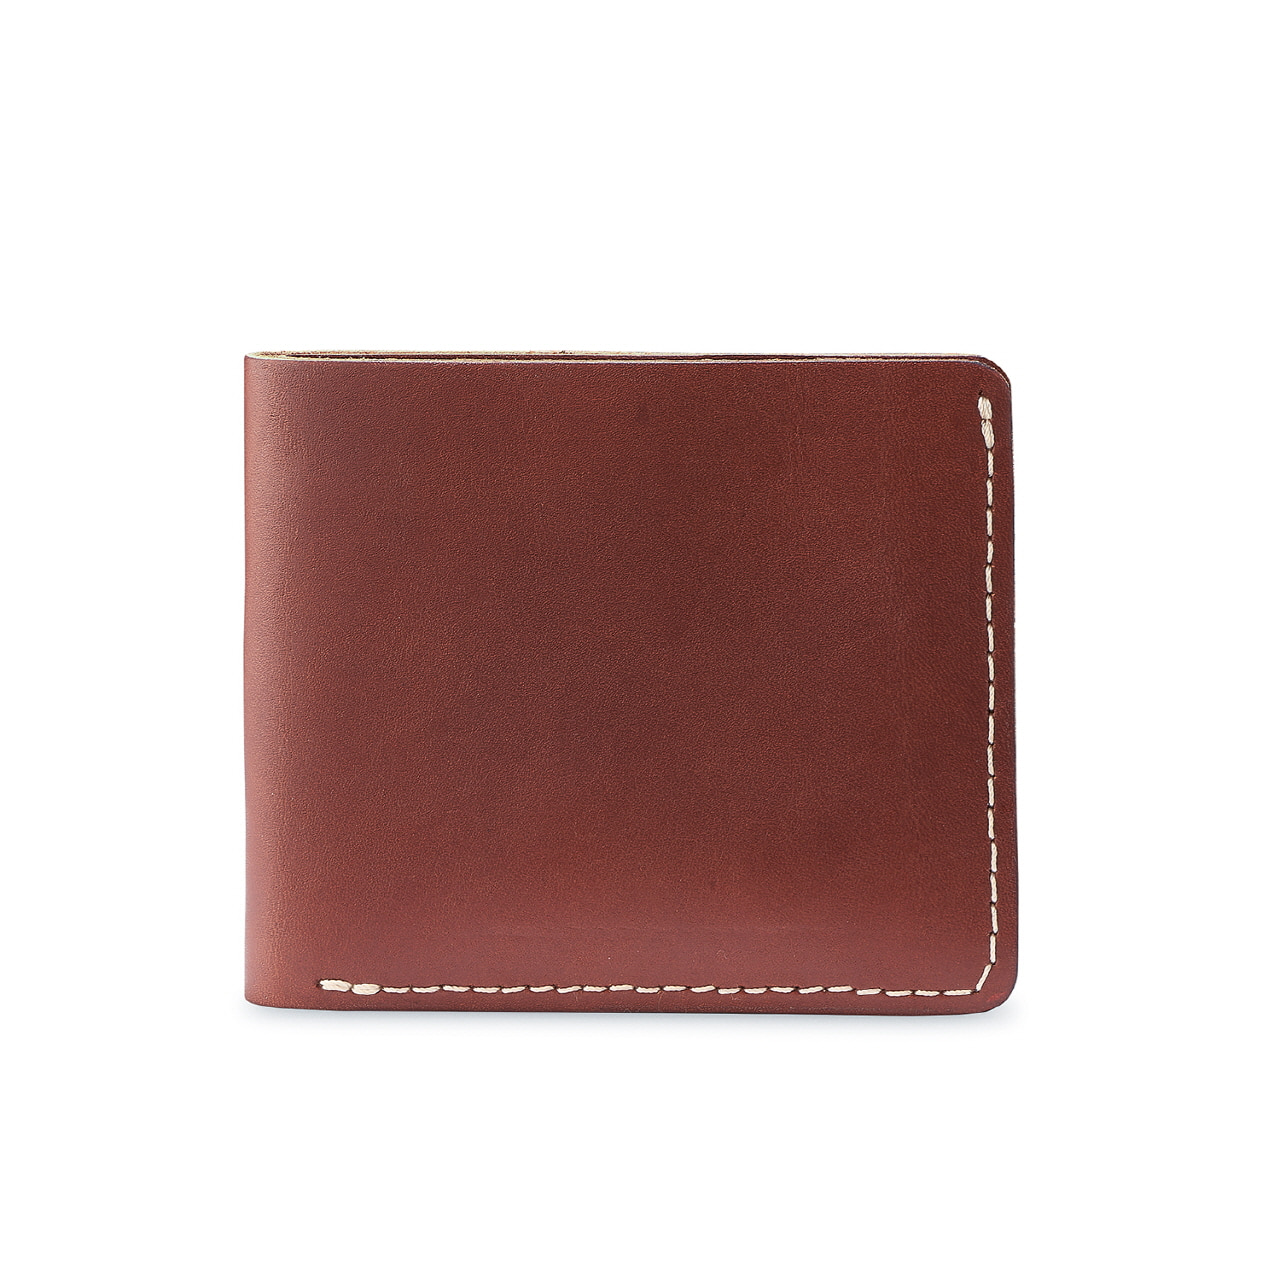 클래식 바이폴드 지갑 95010 - 오로러셋 프론티어